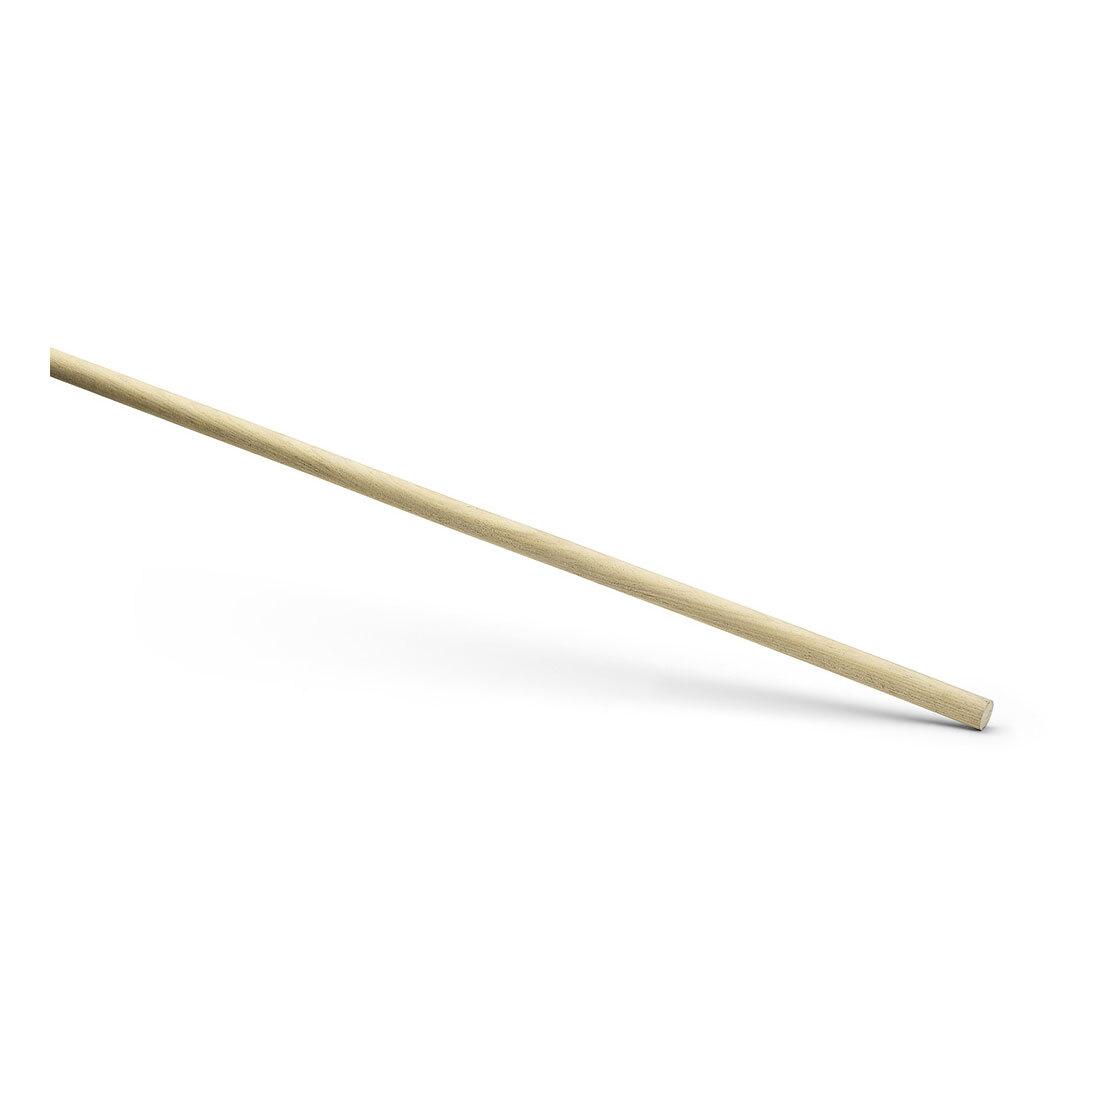 Násada na koště 140 cm x 23.5 mm, dřevo